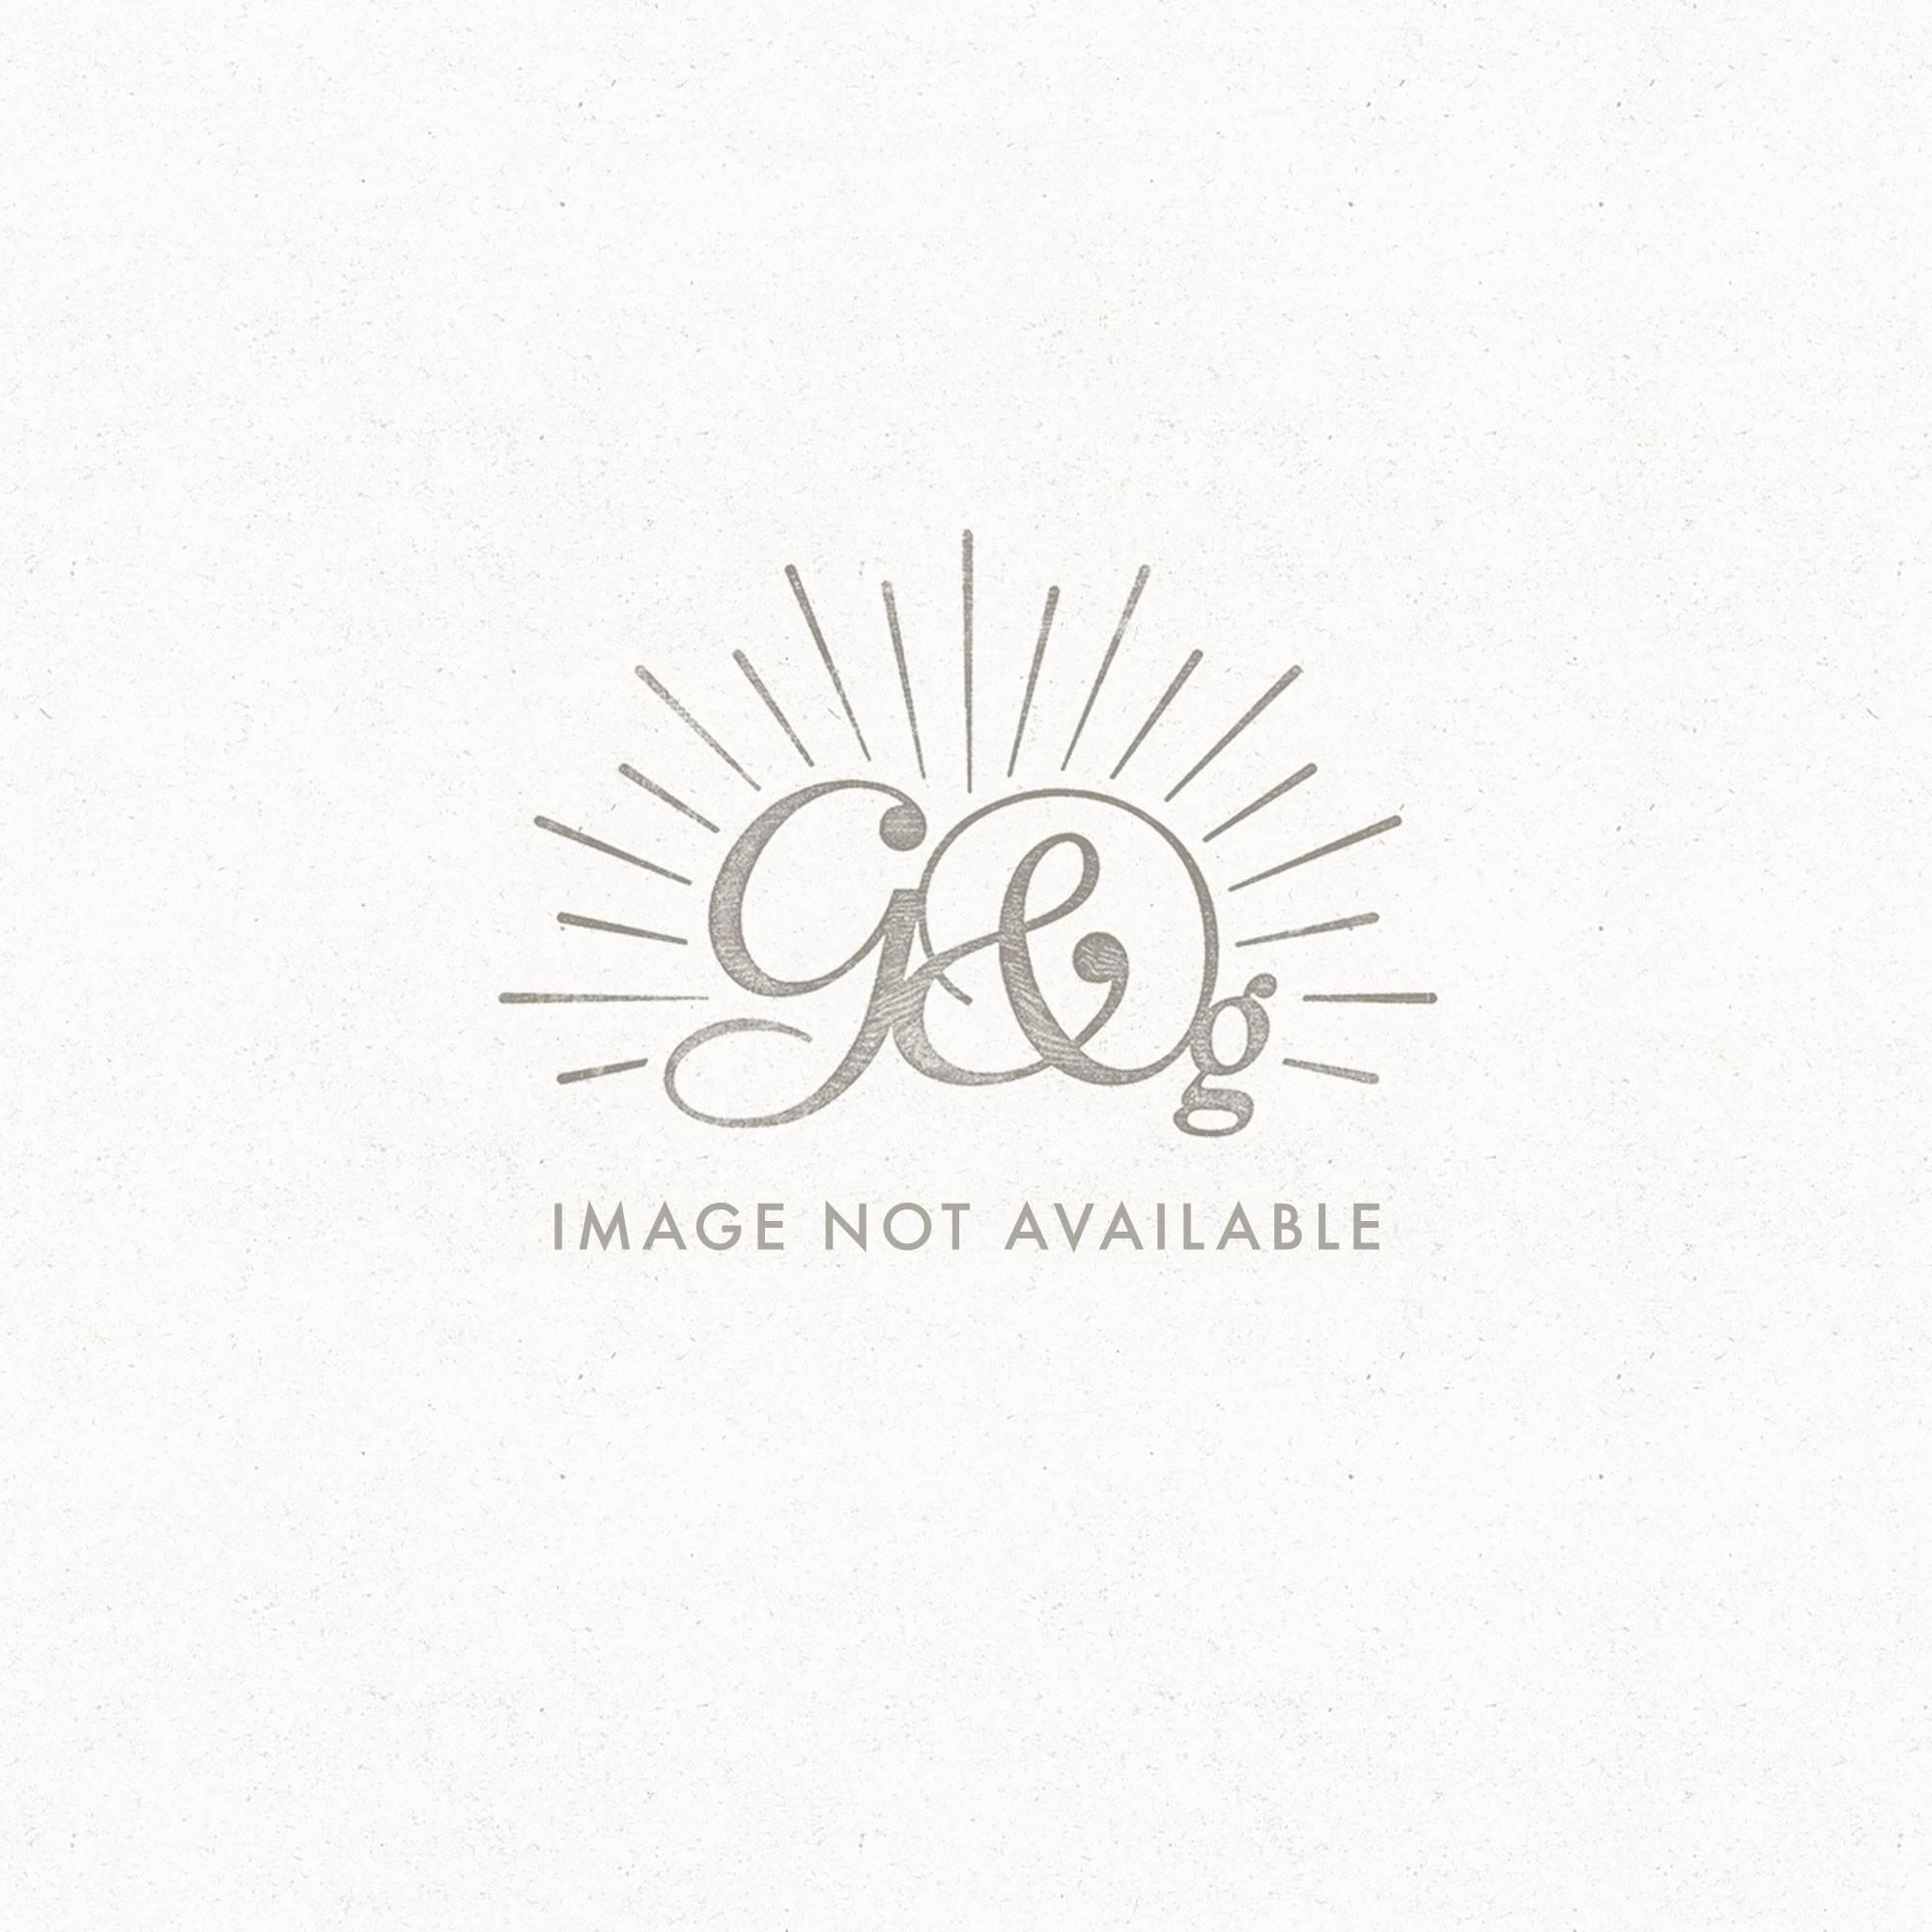 Lina teal Nude Photos 40